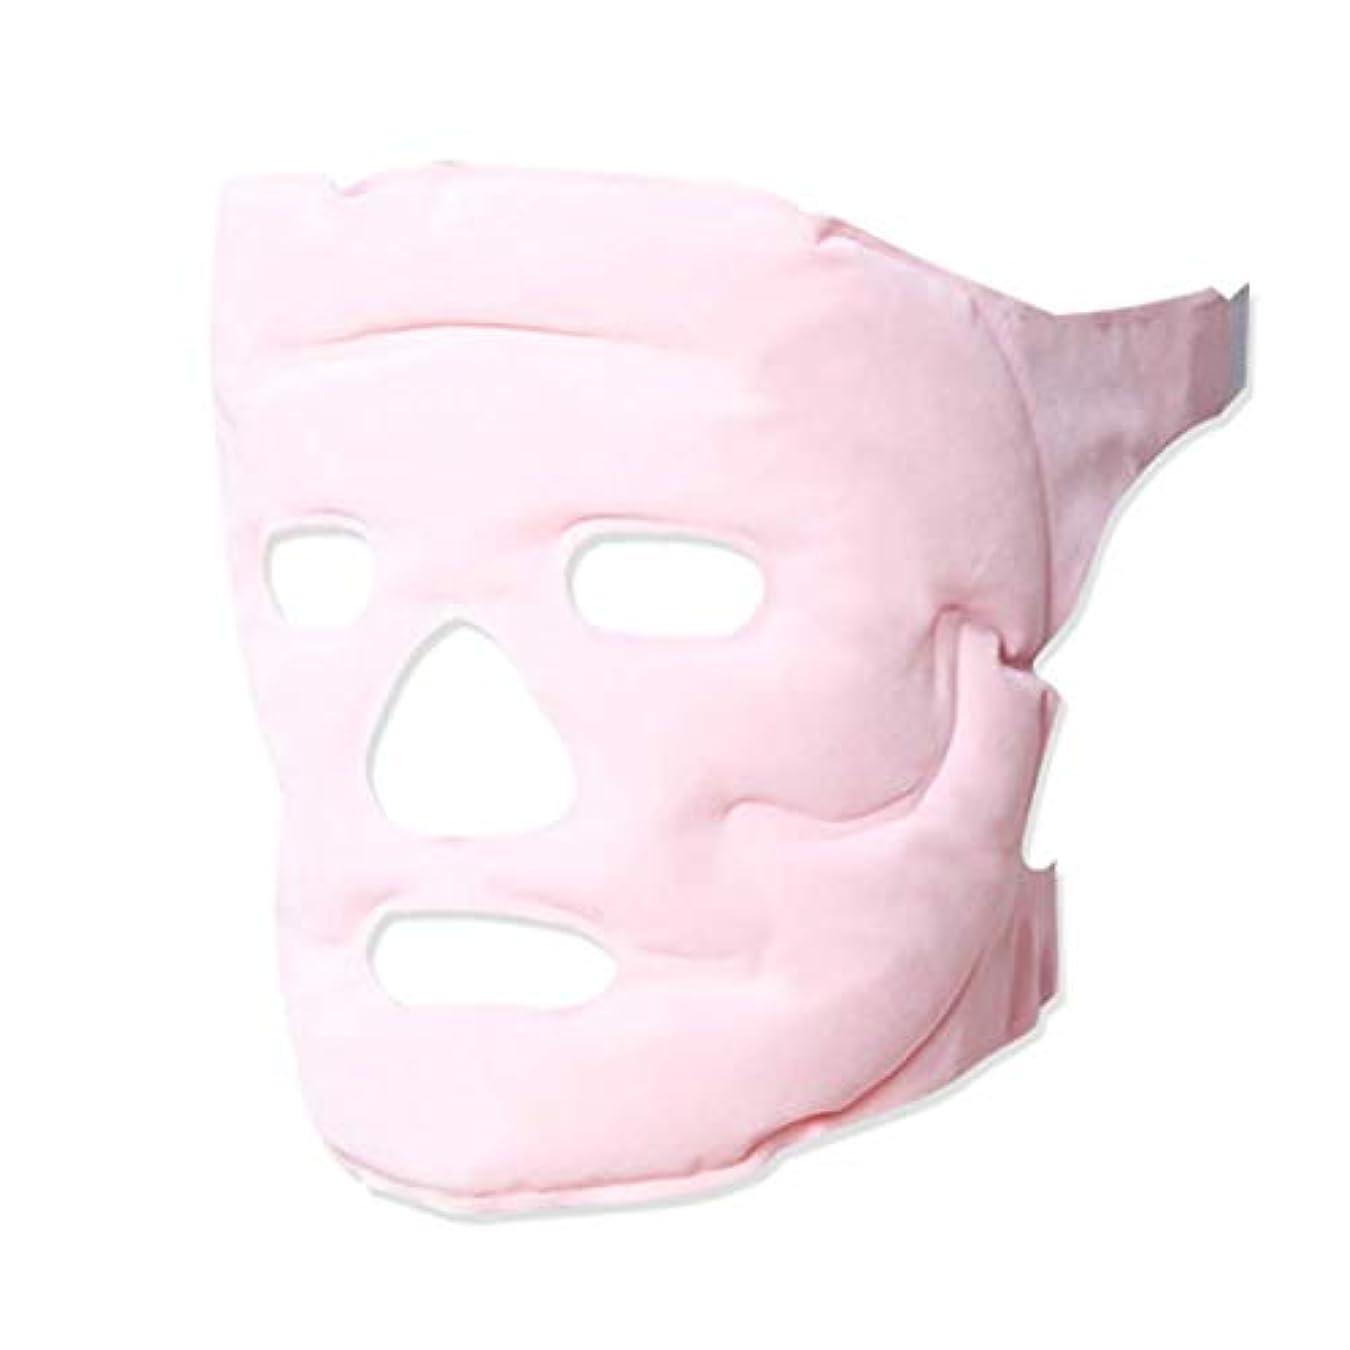 白菜イルハグvフェイスマスク睡眠薄い顔で美容マスク磁気療法リフティングフェイシャル引き締め判決パターン包帯アーティファクトピンク